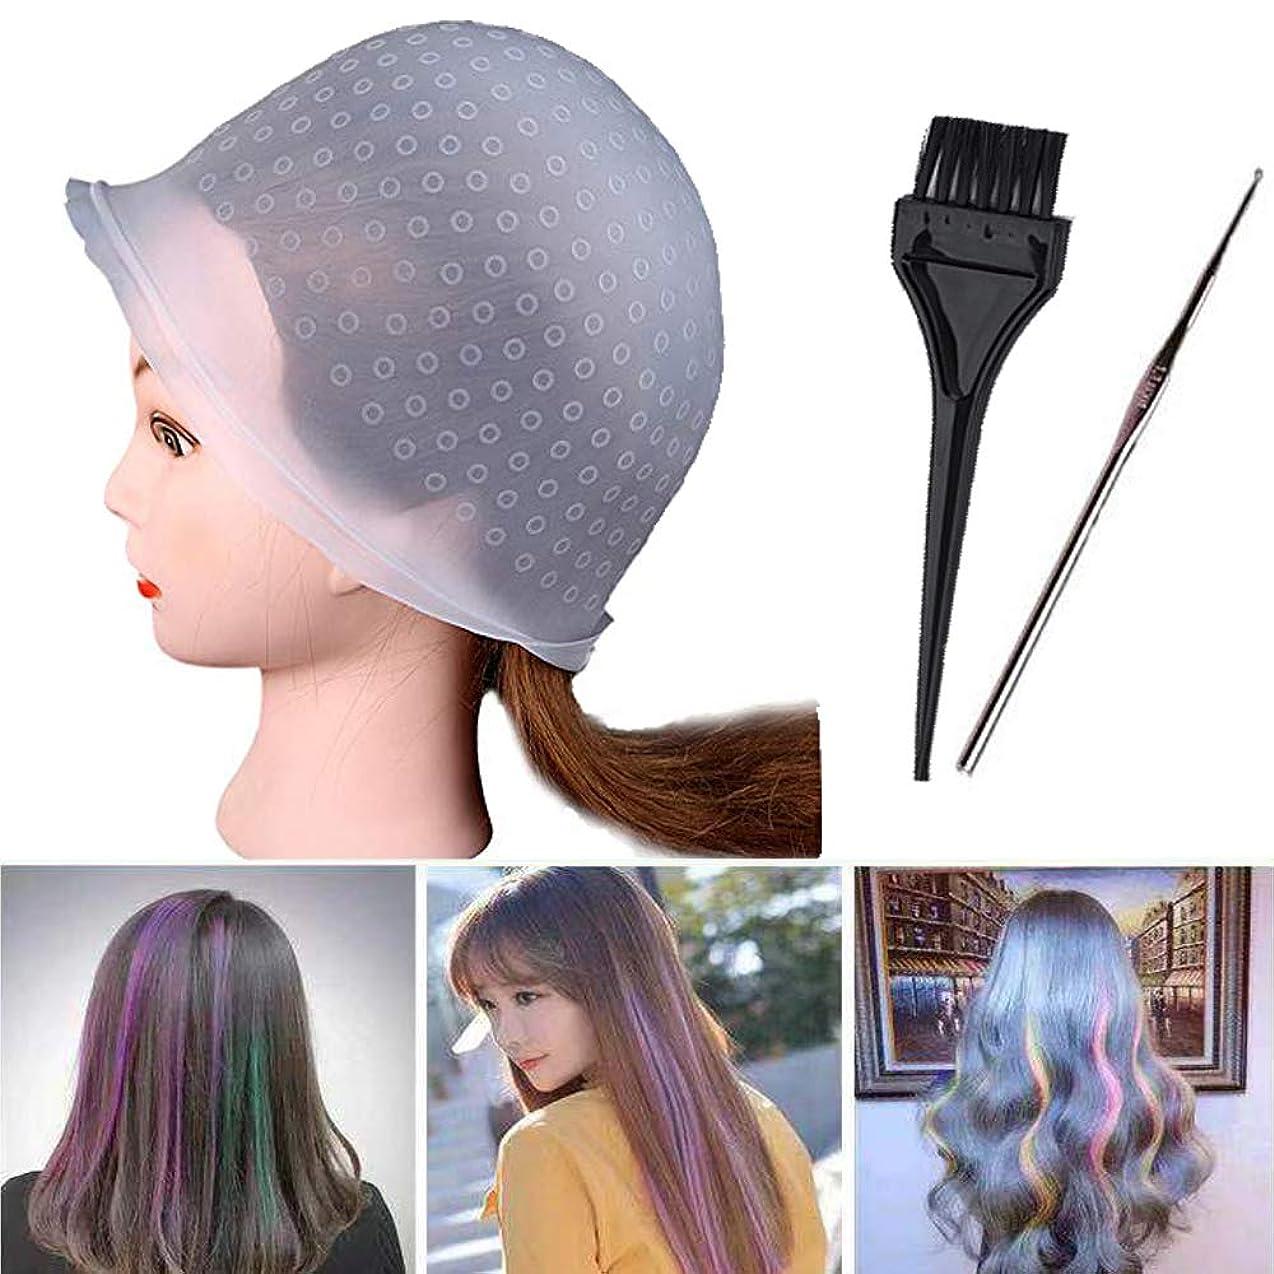 メタン楽観的大いにSHKI 毛染めキャップ 髪染め用ヘアキャップ シリコン製 ヘアカラーヘアキャップ 自宅でヘアカラーを楽しんで美容サロン仕様 棒とブラシ付き